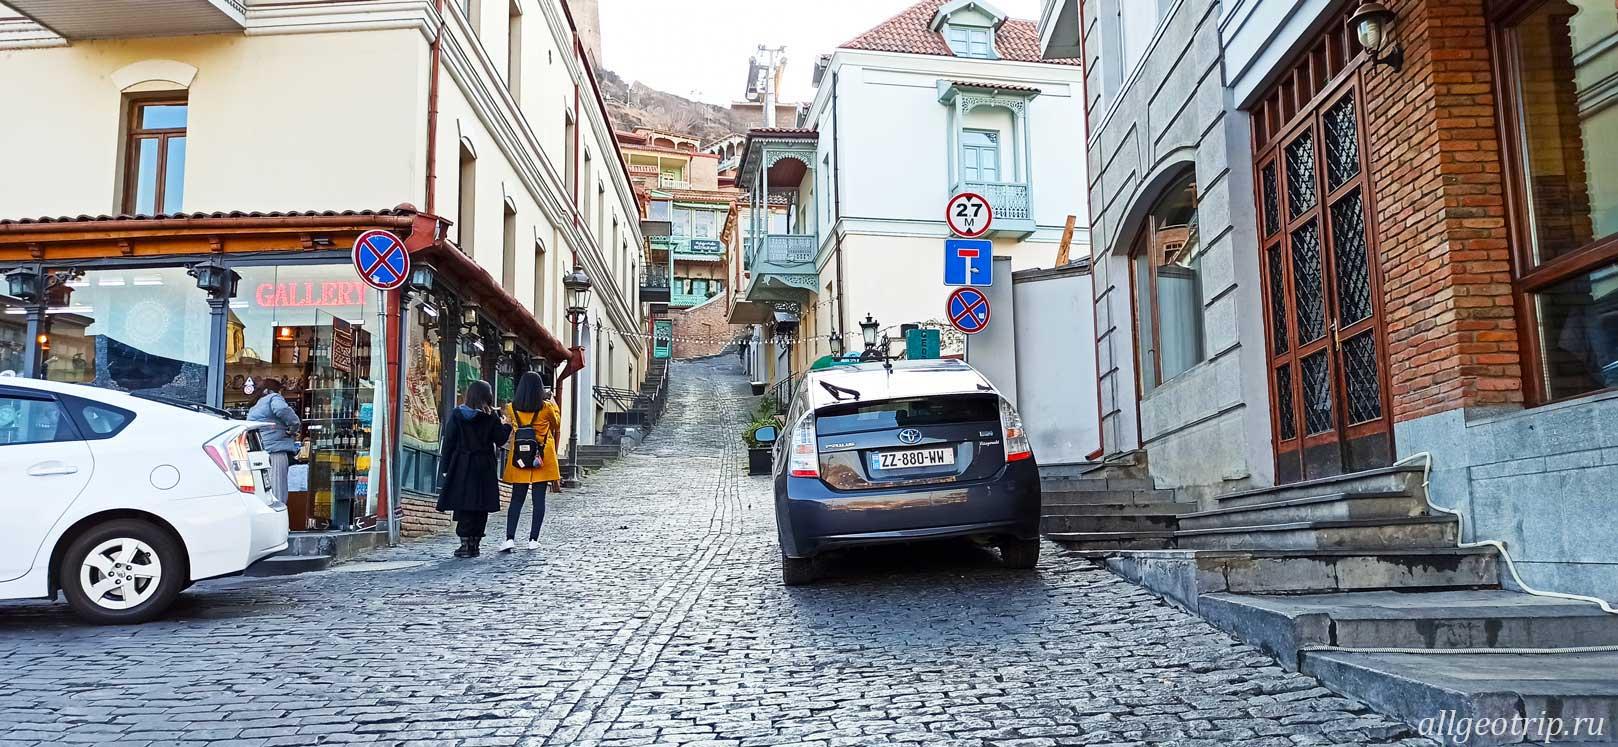 Индивидуальная экскурсия Тбилиси